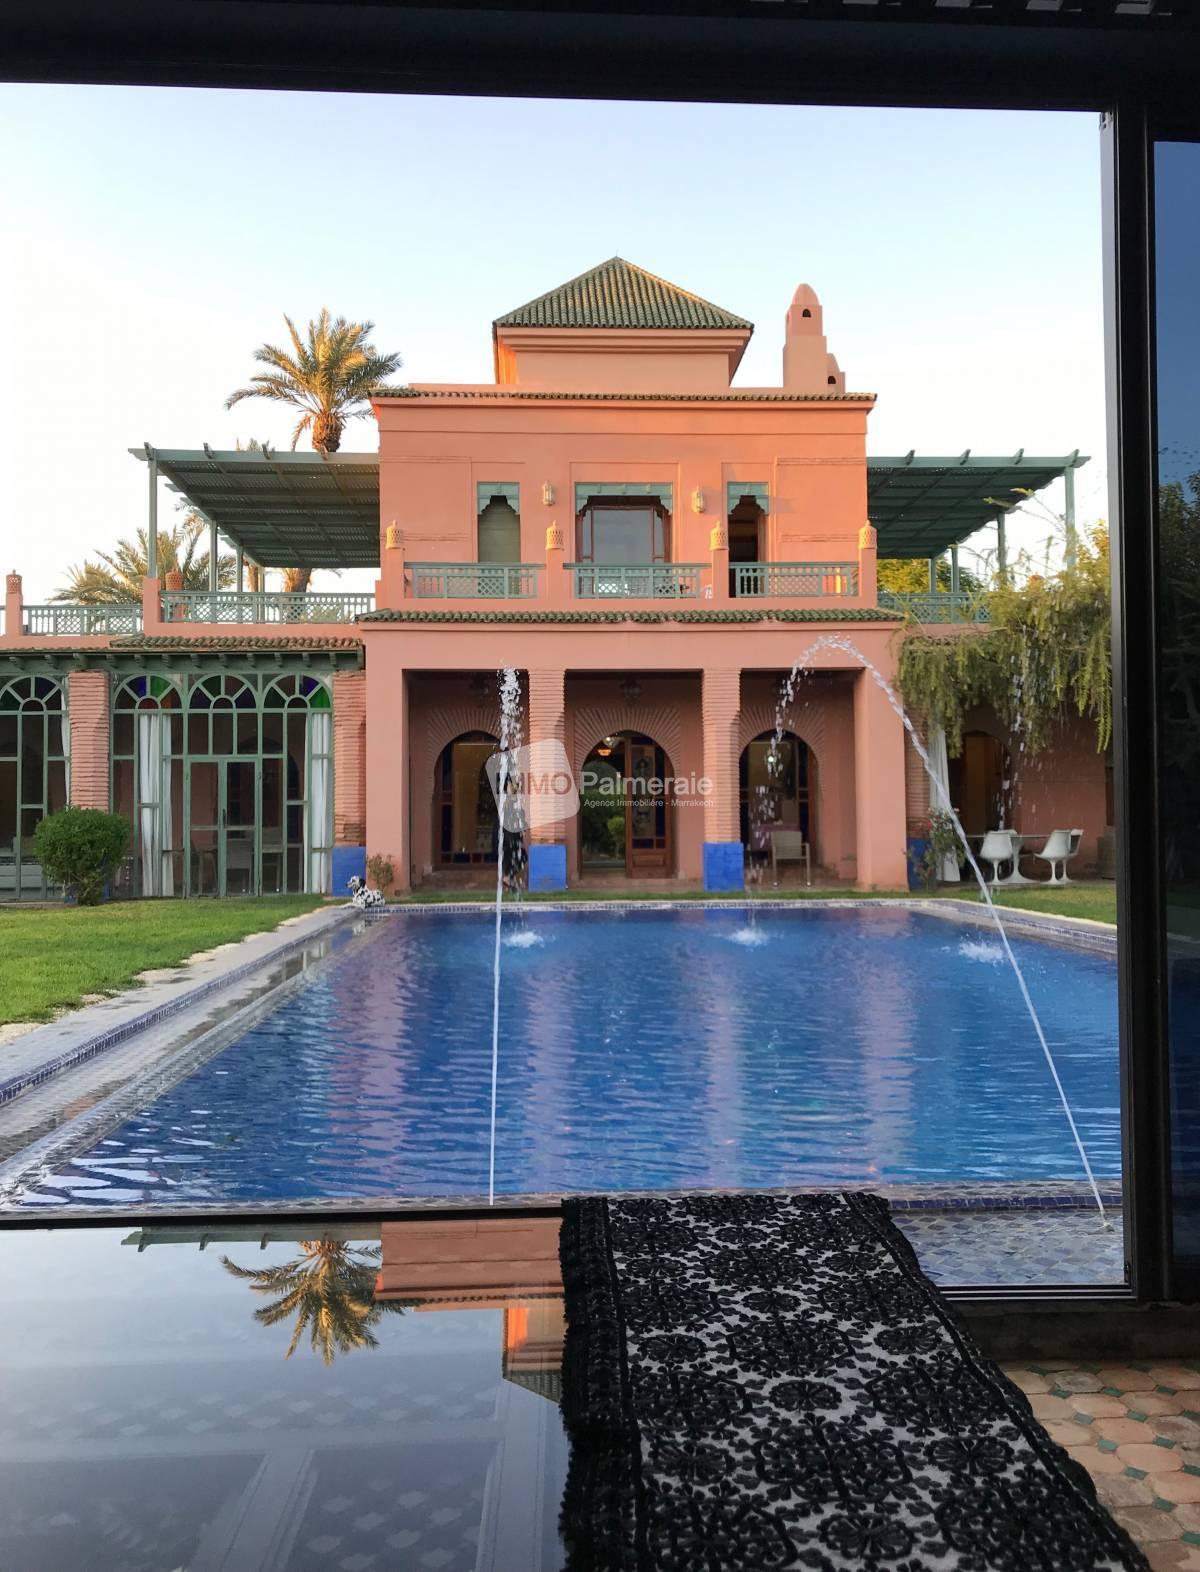 Une magnifique villa au cœur de la palmeraie